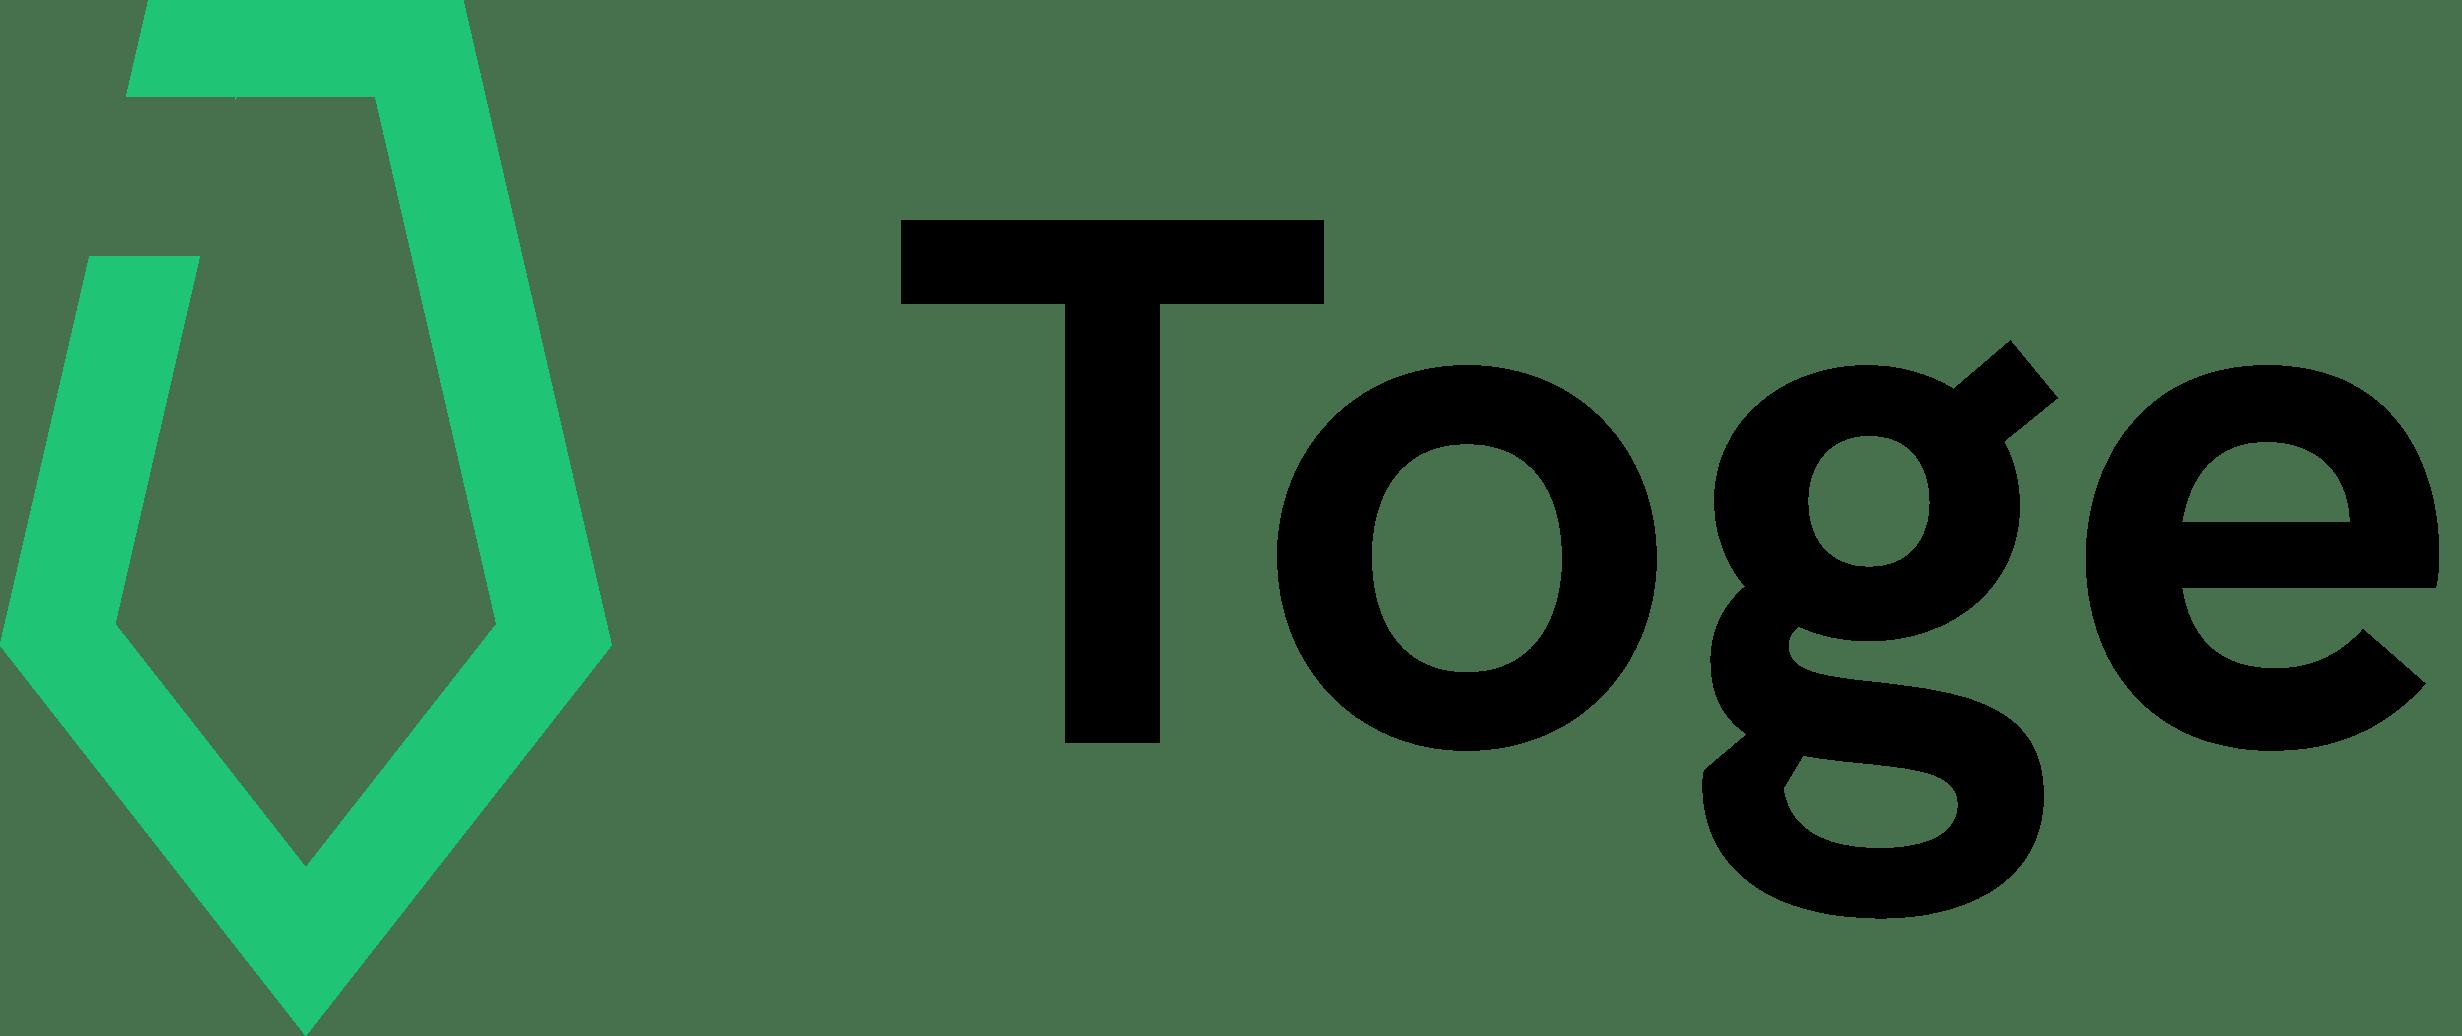 Logo toge